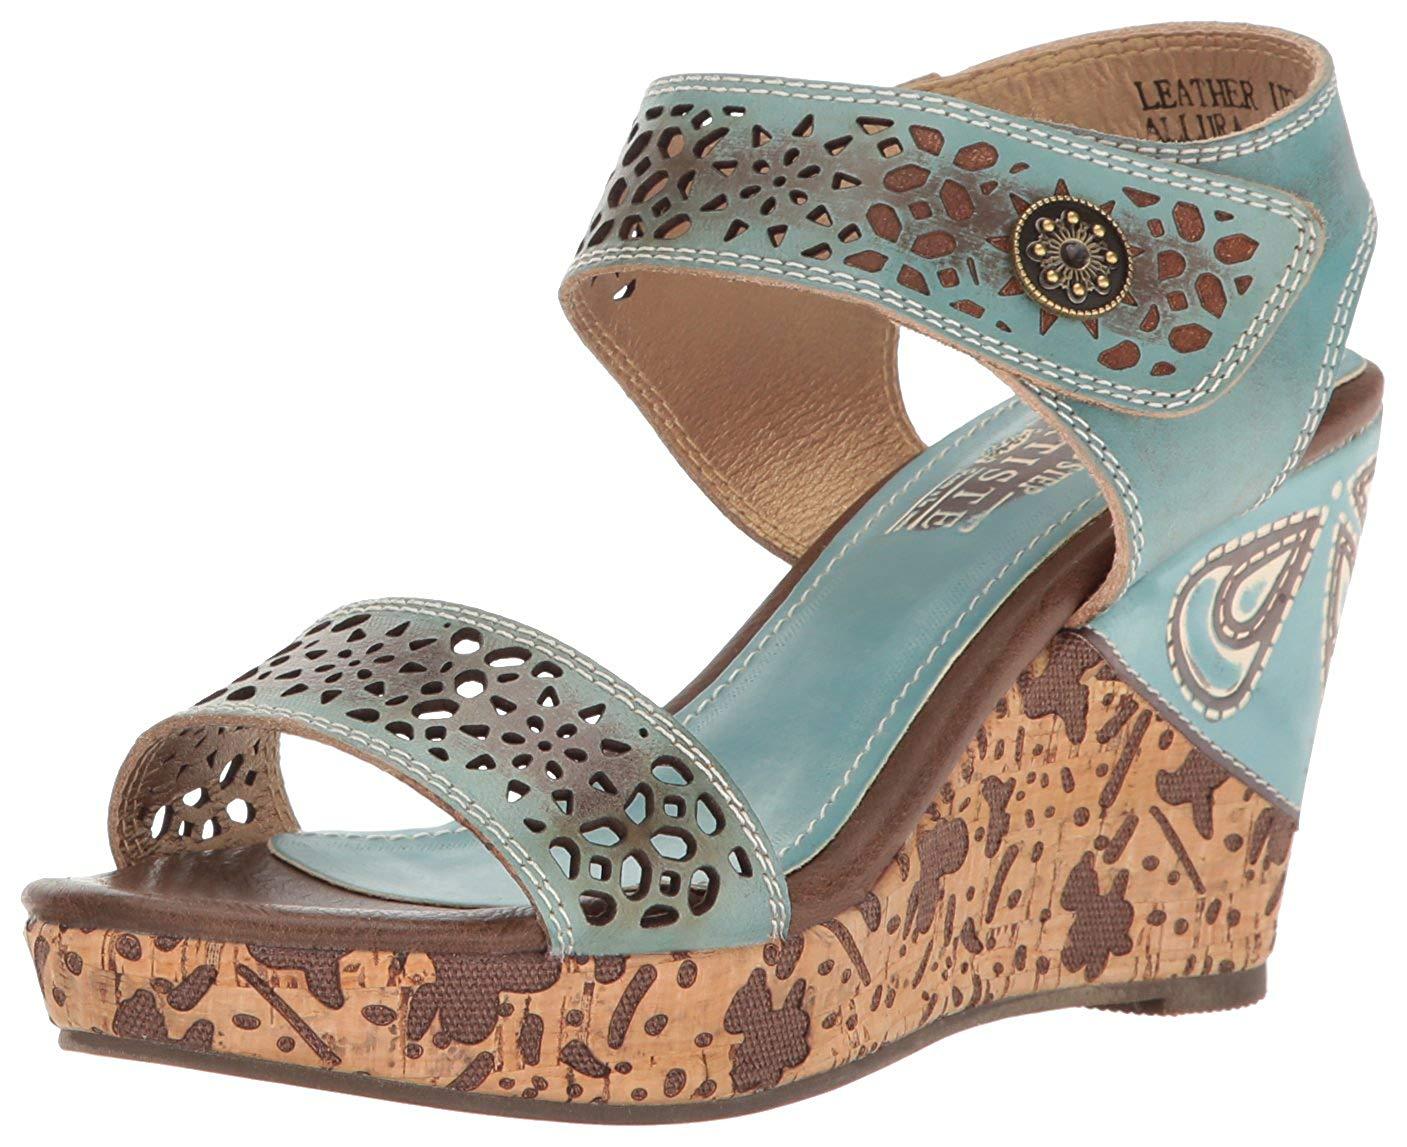 abe7537c5df L Artiste Spring Step Women s Allura-Sky Wedge Sandal